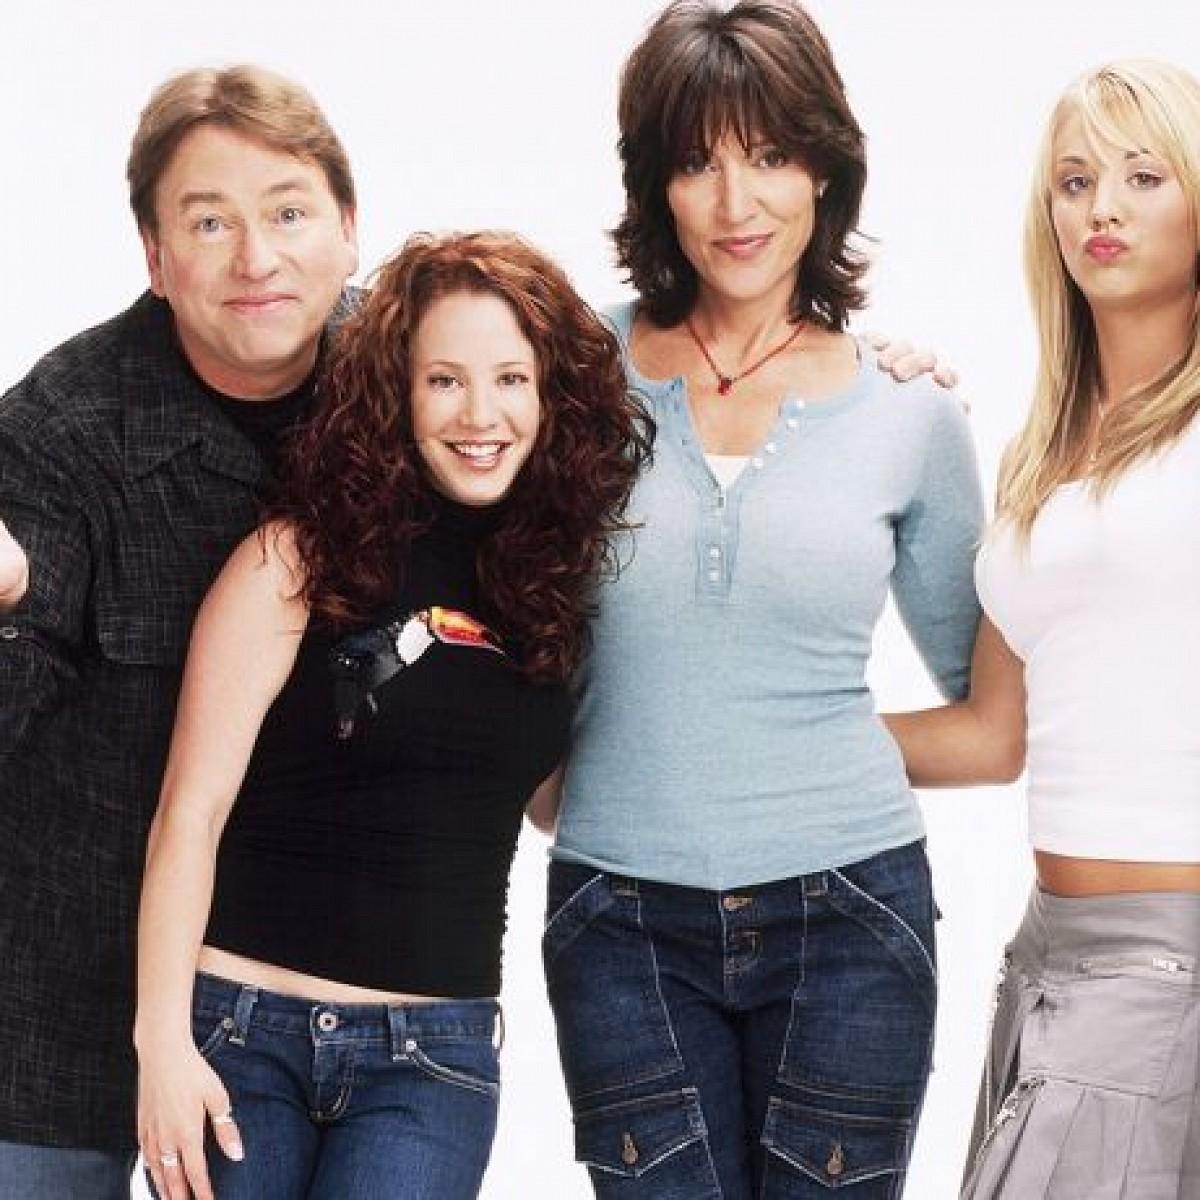 Disney Channel nimmt Meine wilden Töchter ins Programm